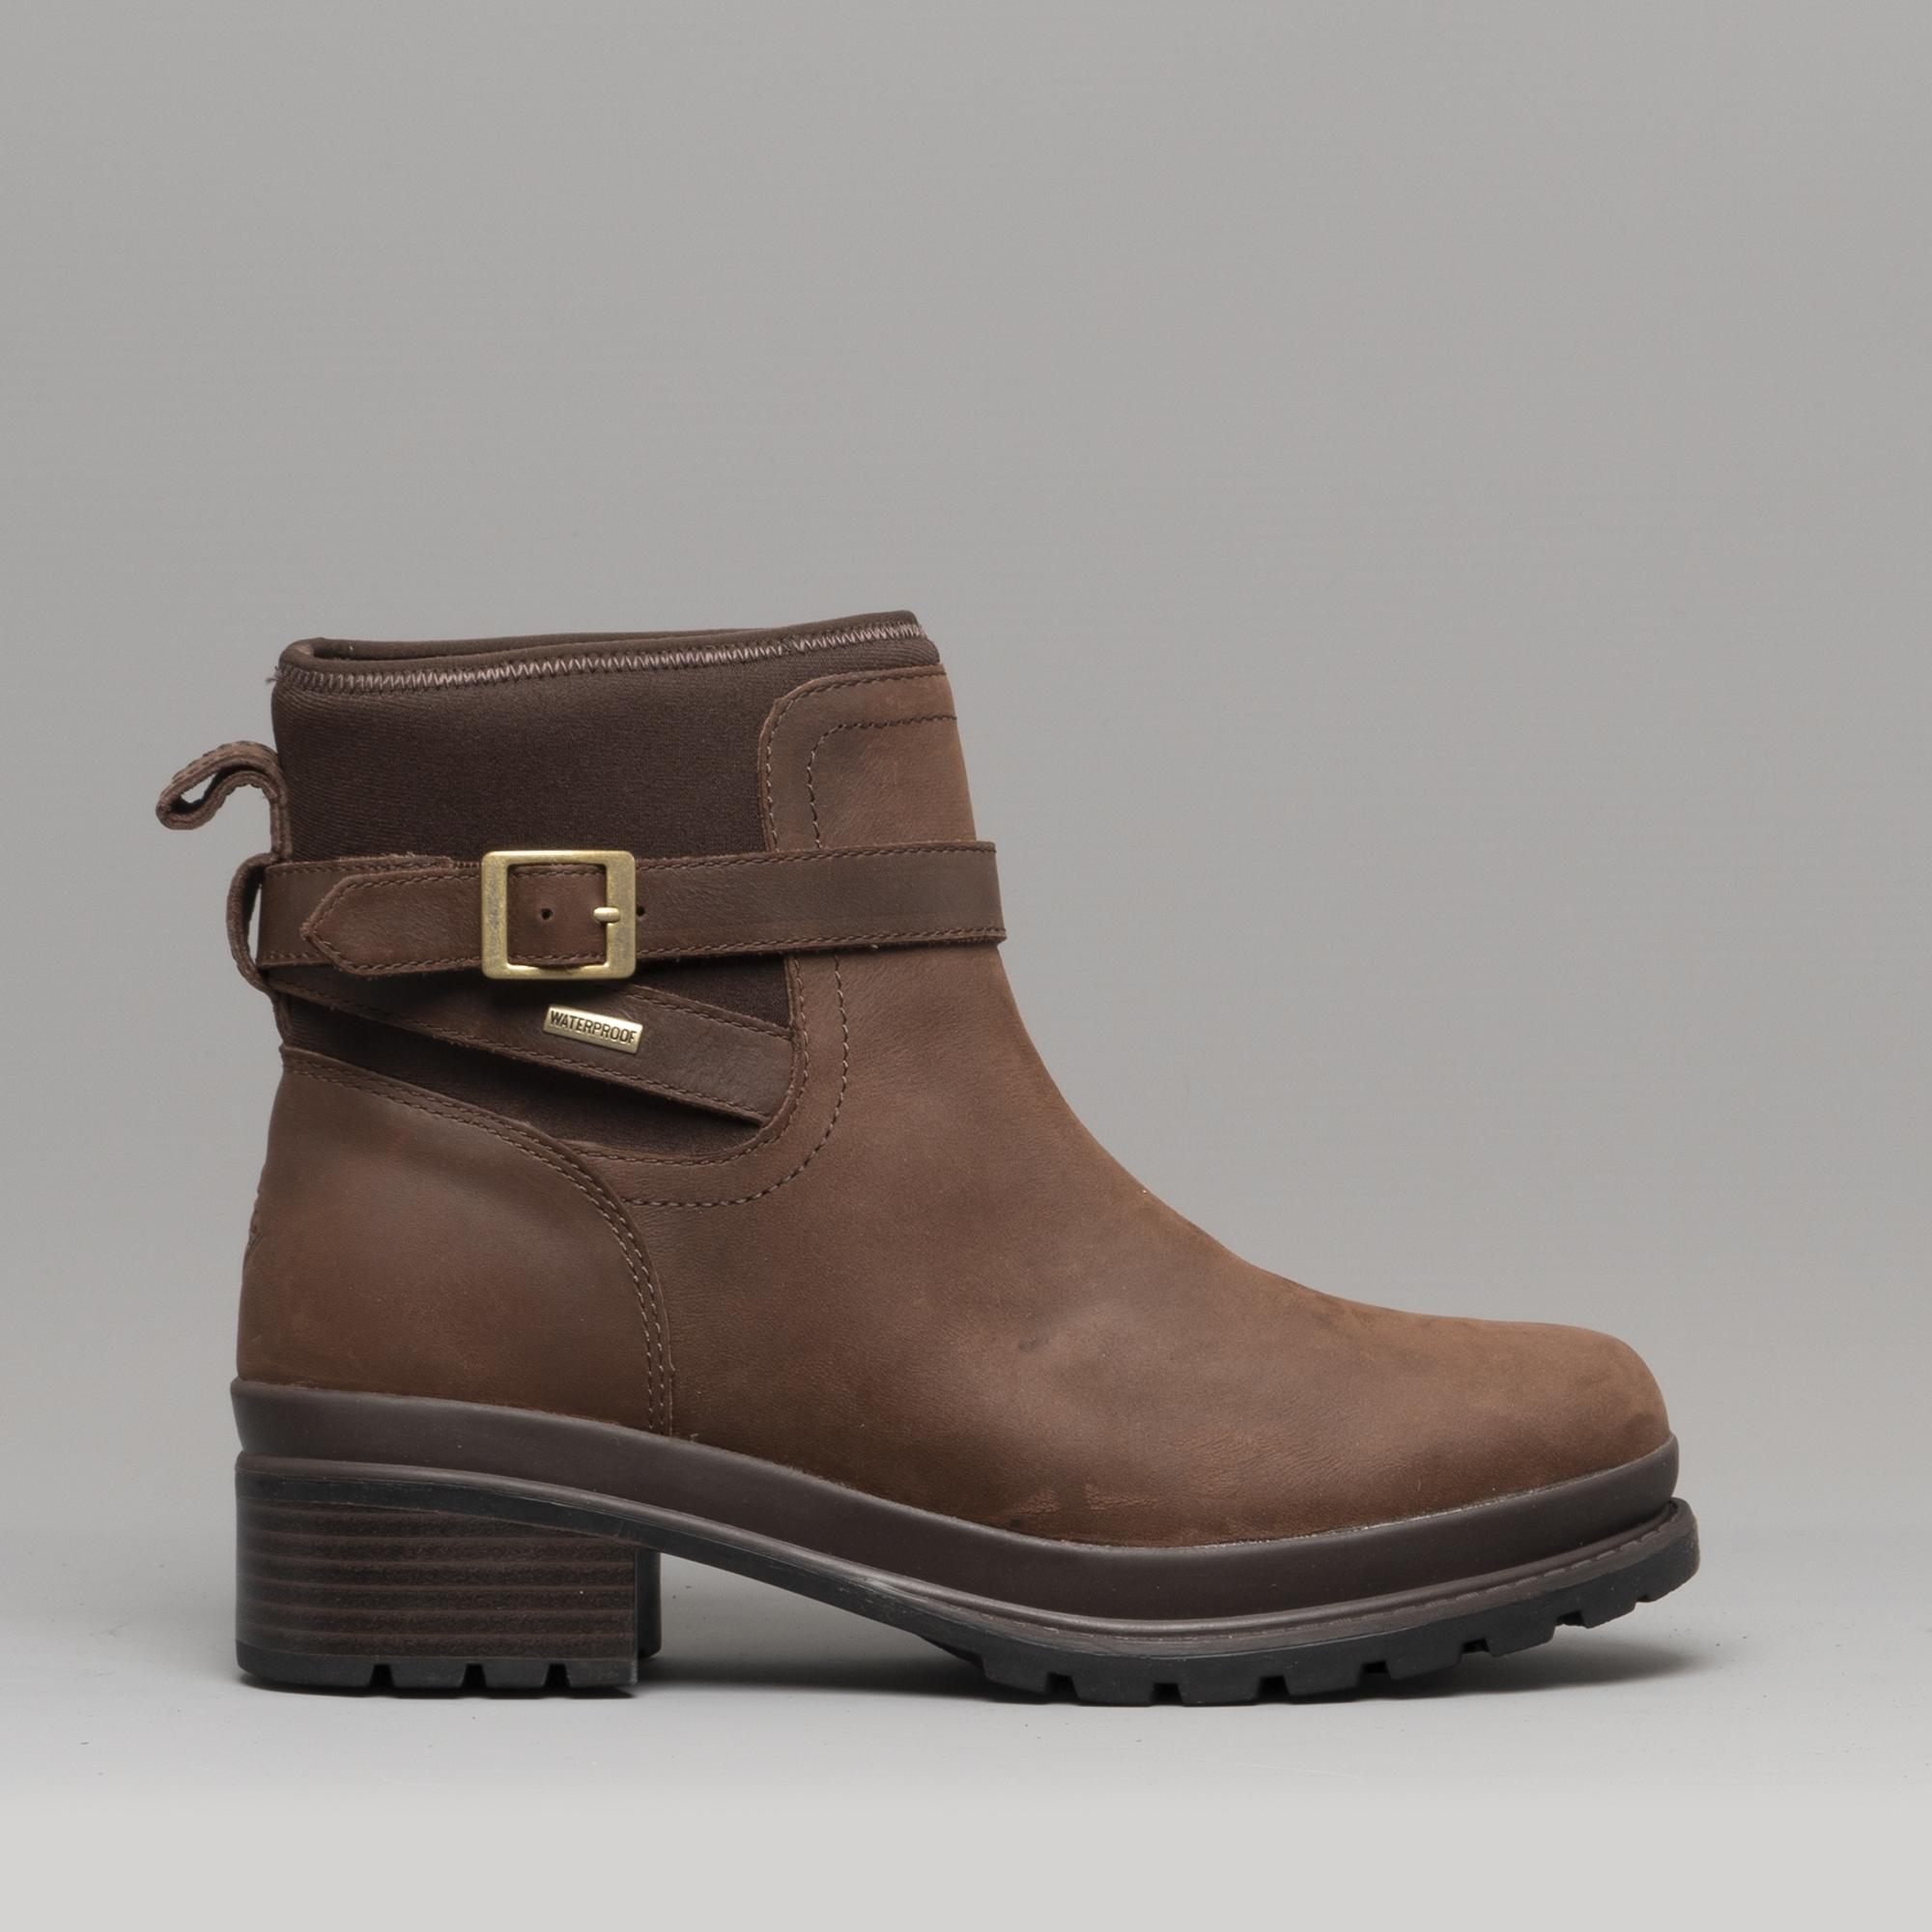 Muck Boots LIBERTY Ladies Waterproof